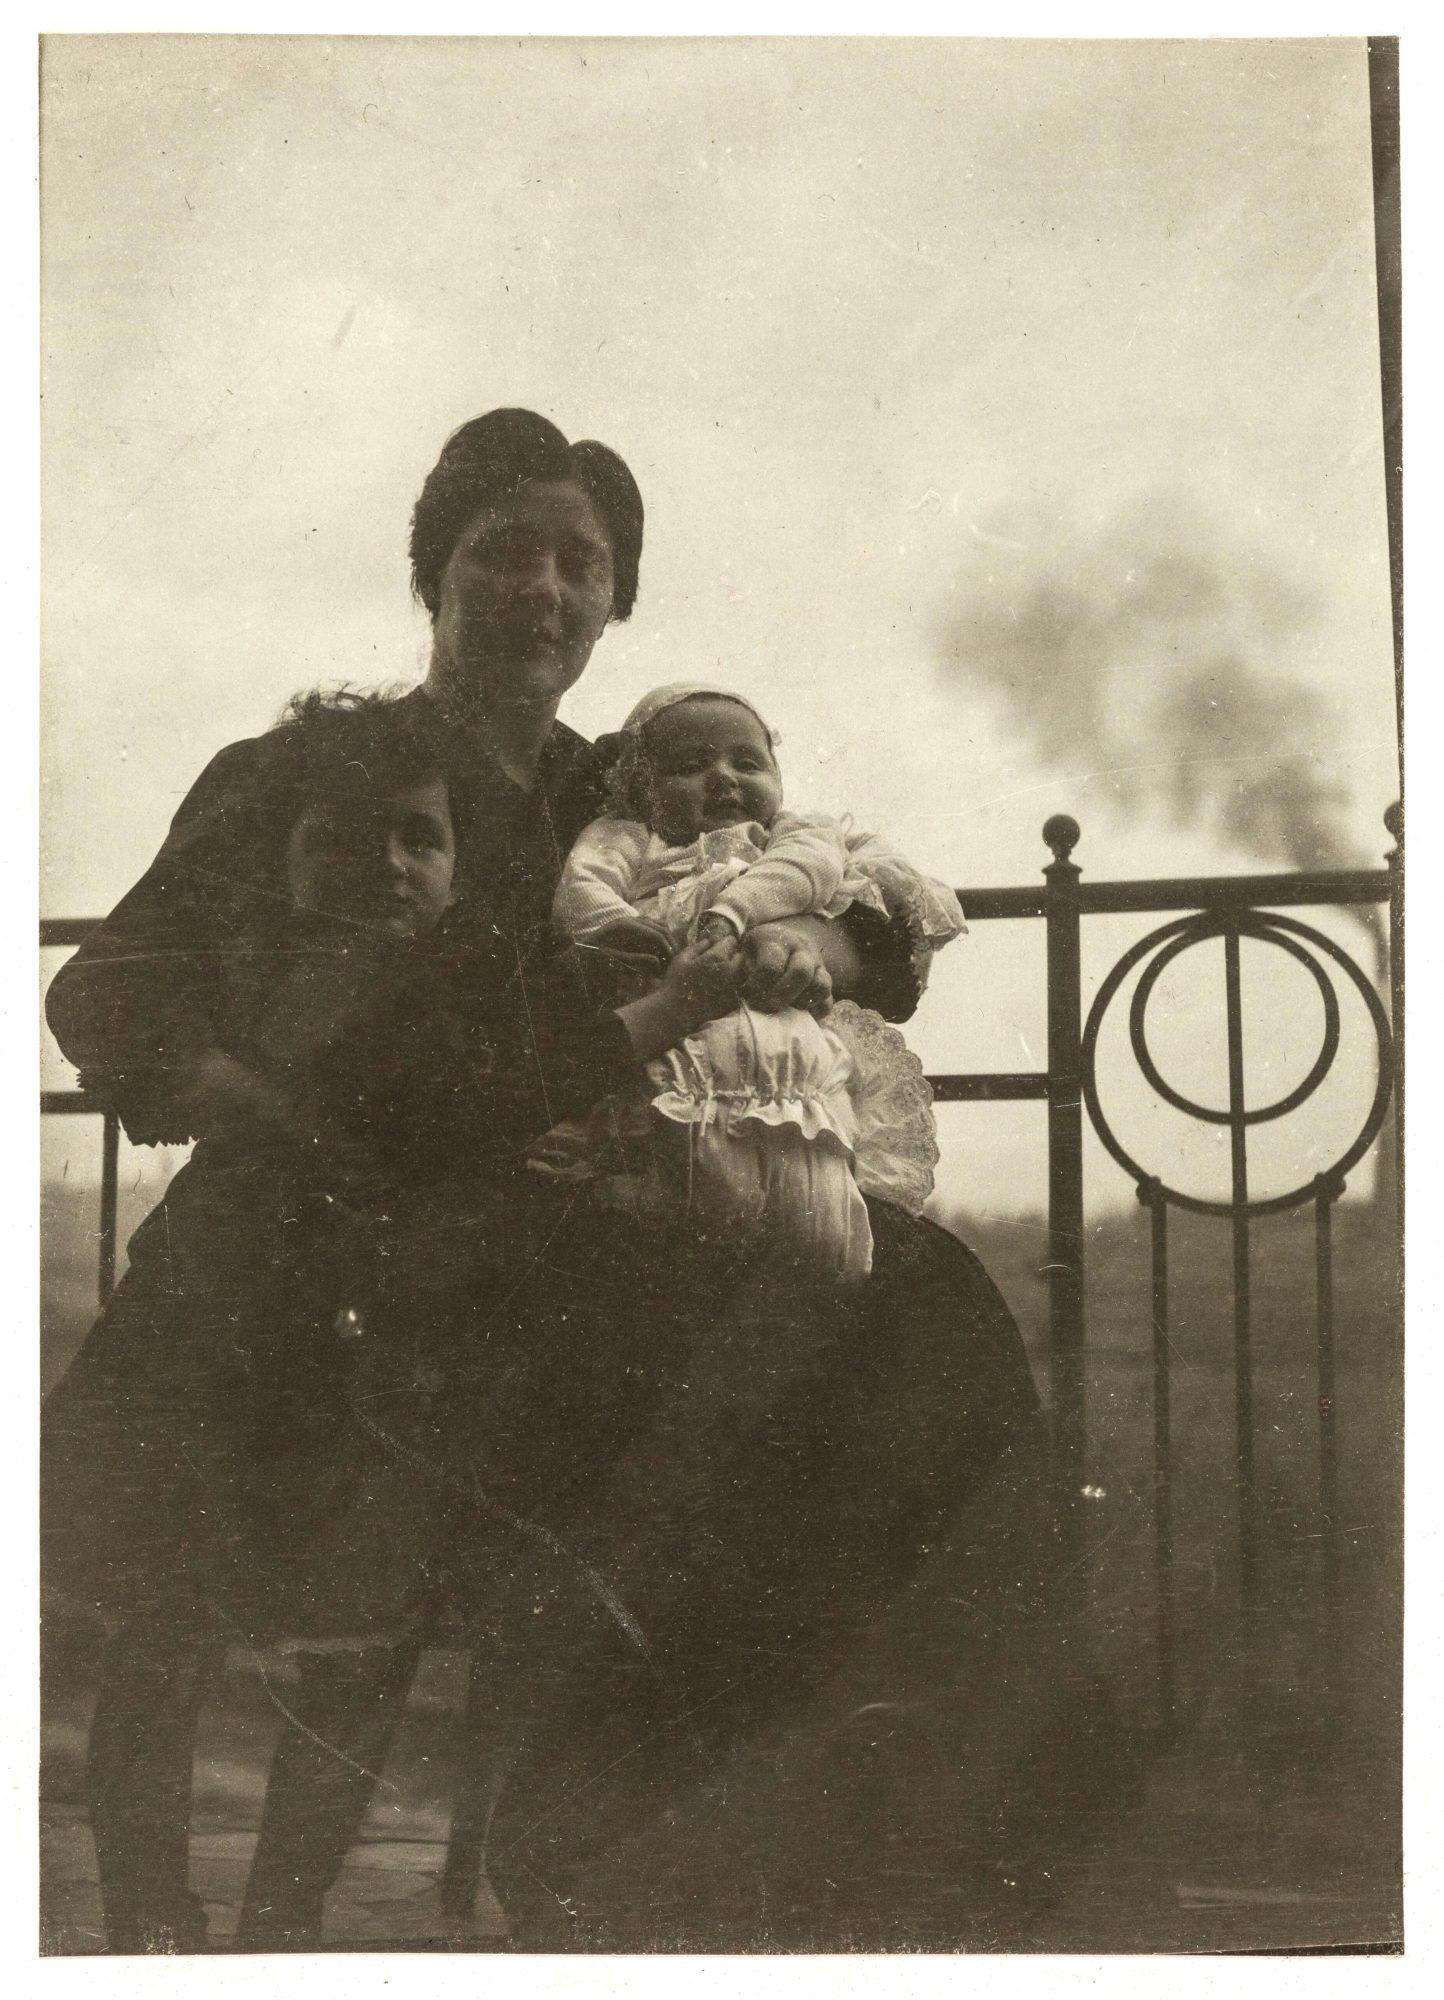 Melanie Klein con sus hijos Melitta y Hans, en 1907/08